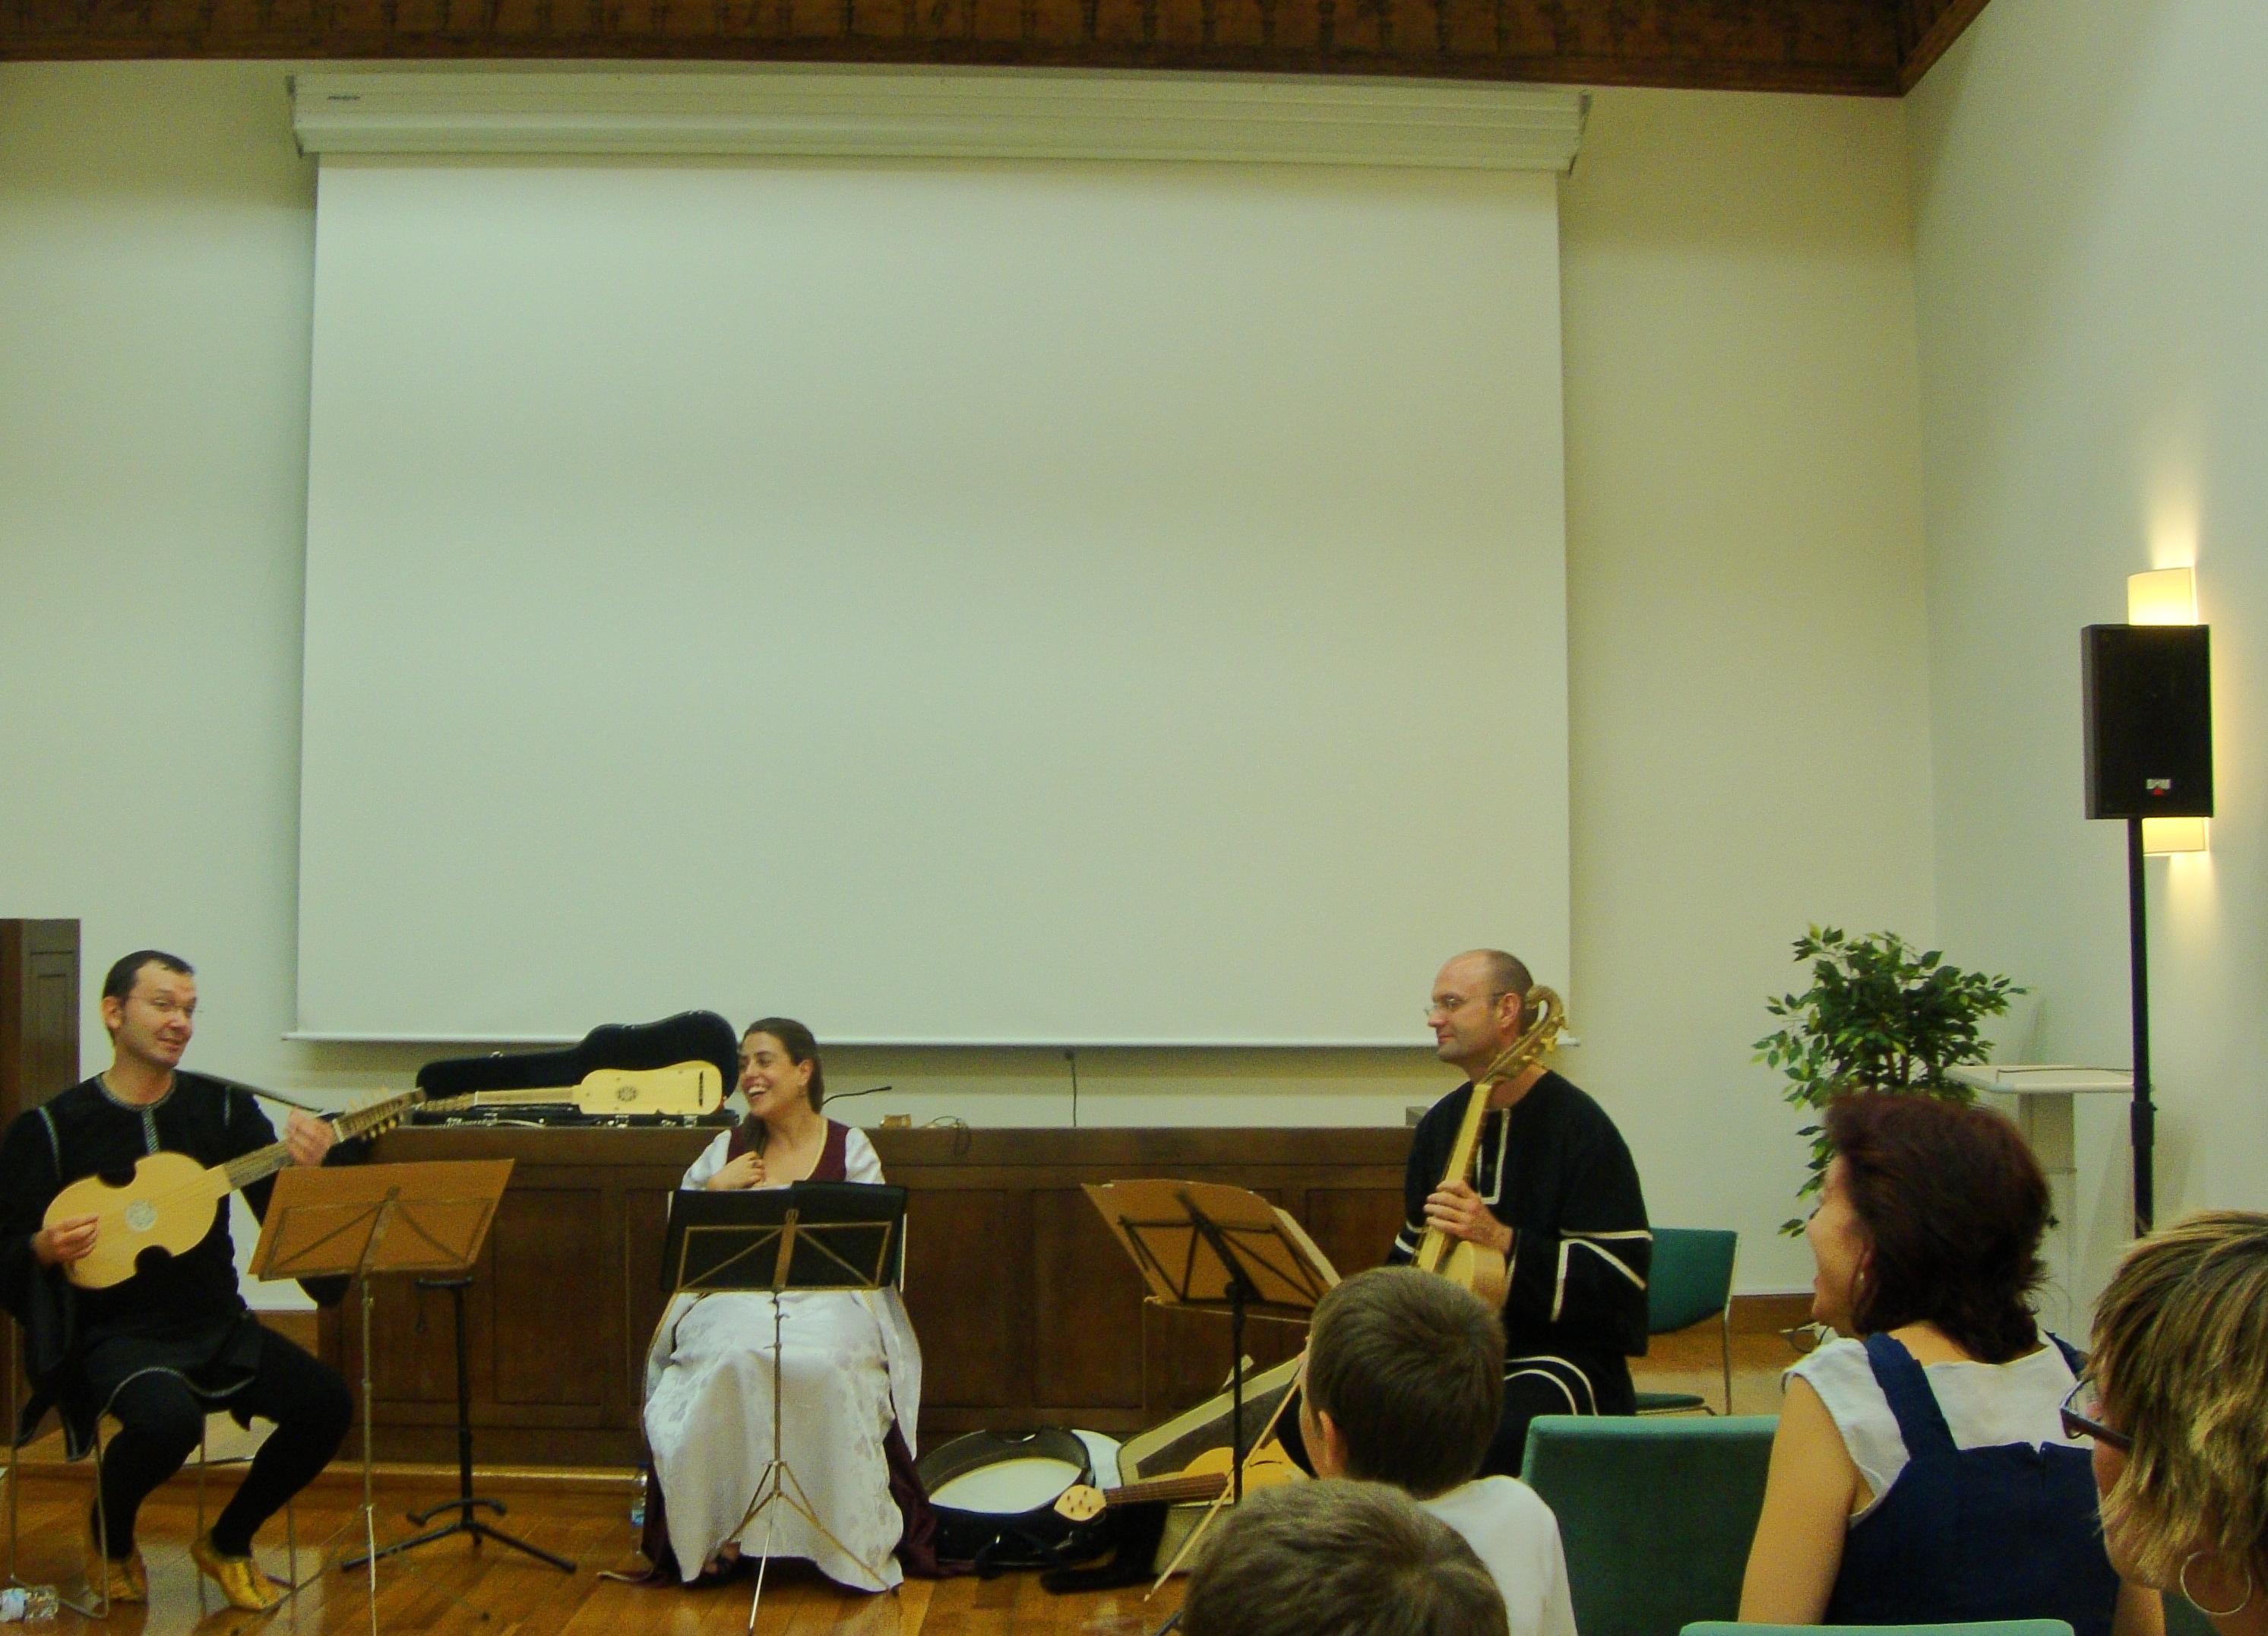 El-Mito-de-Orfeo-45-Semana-de-la-Música-Antigua-de-Estella-3